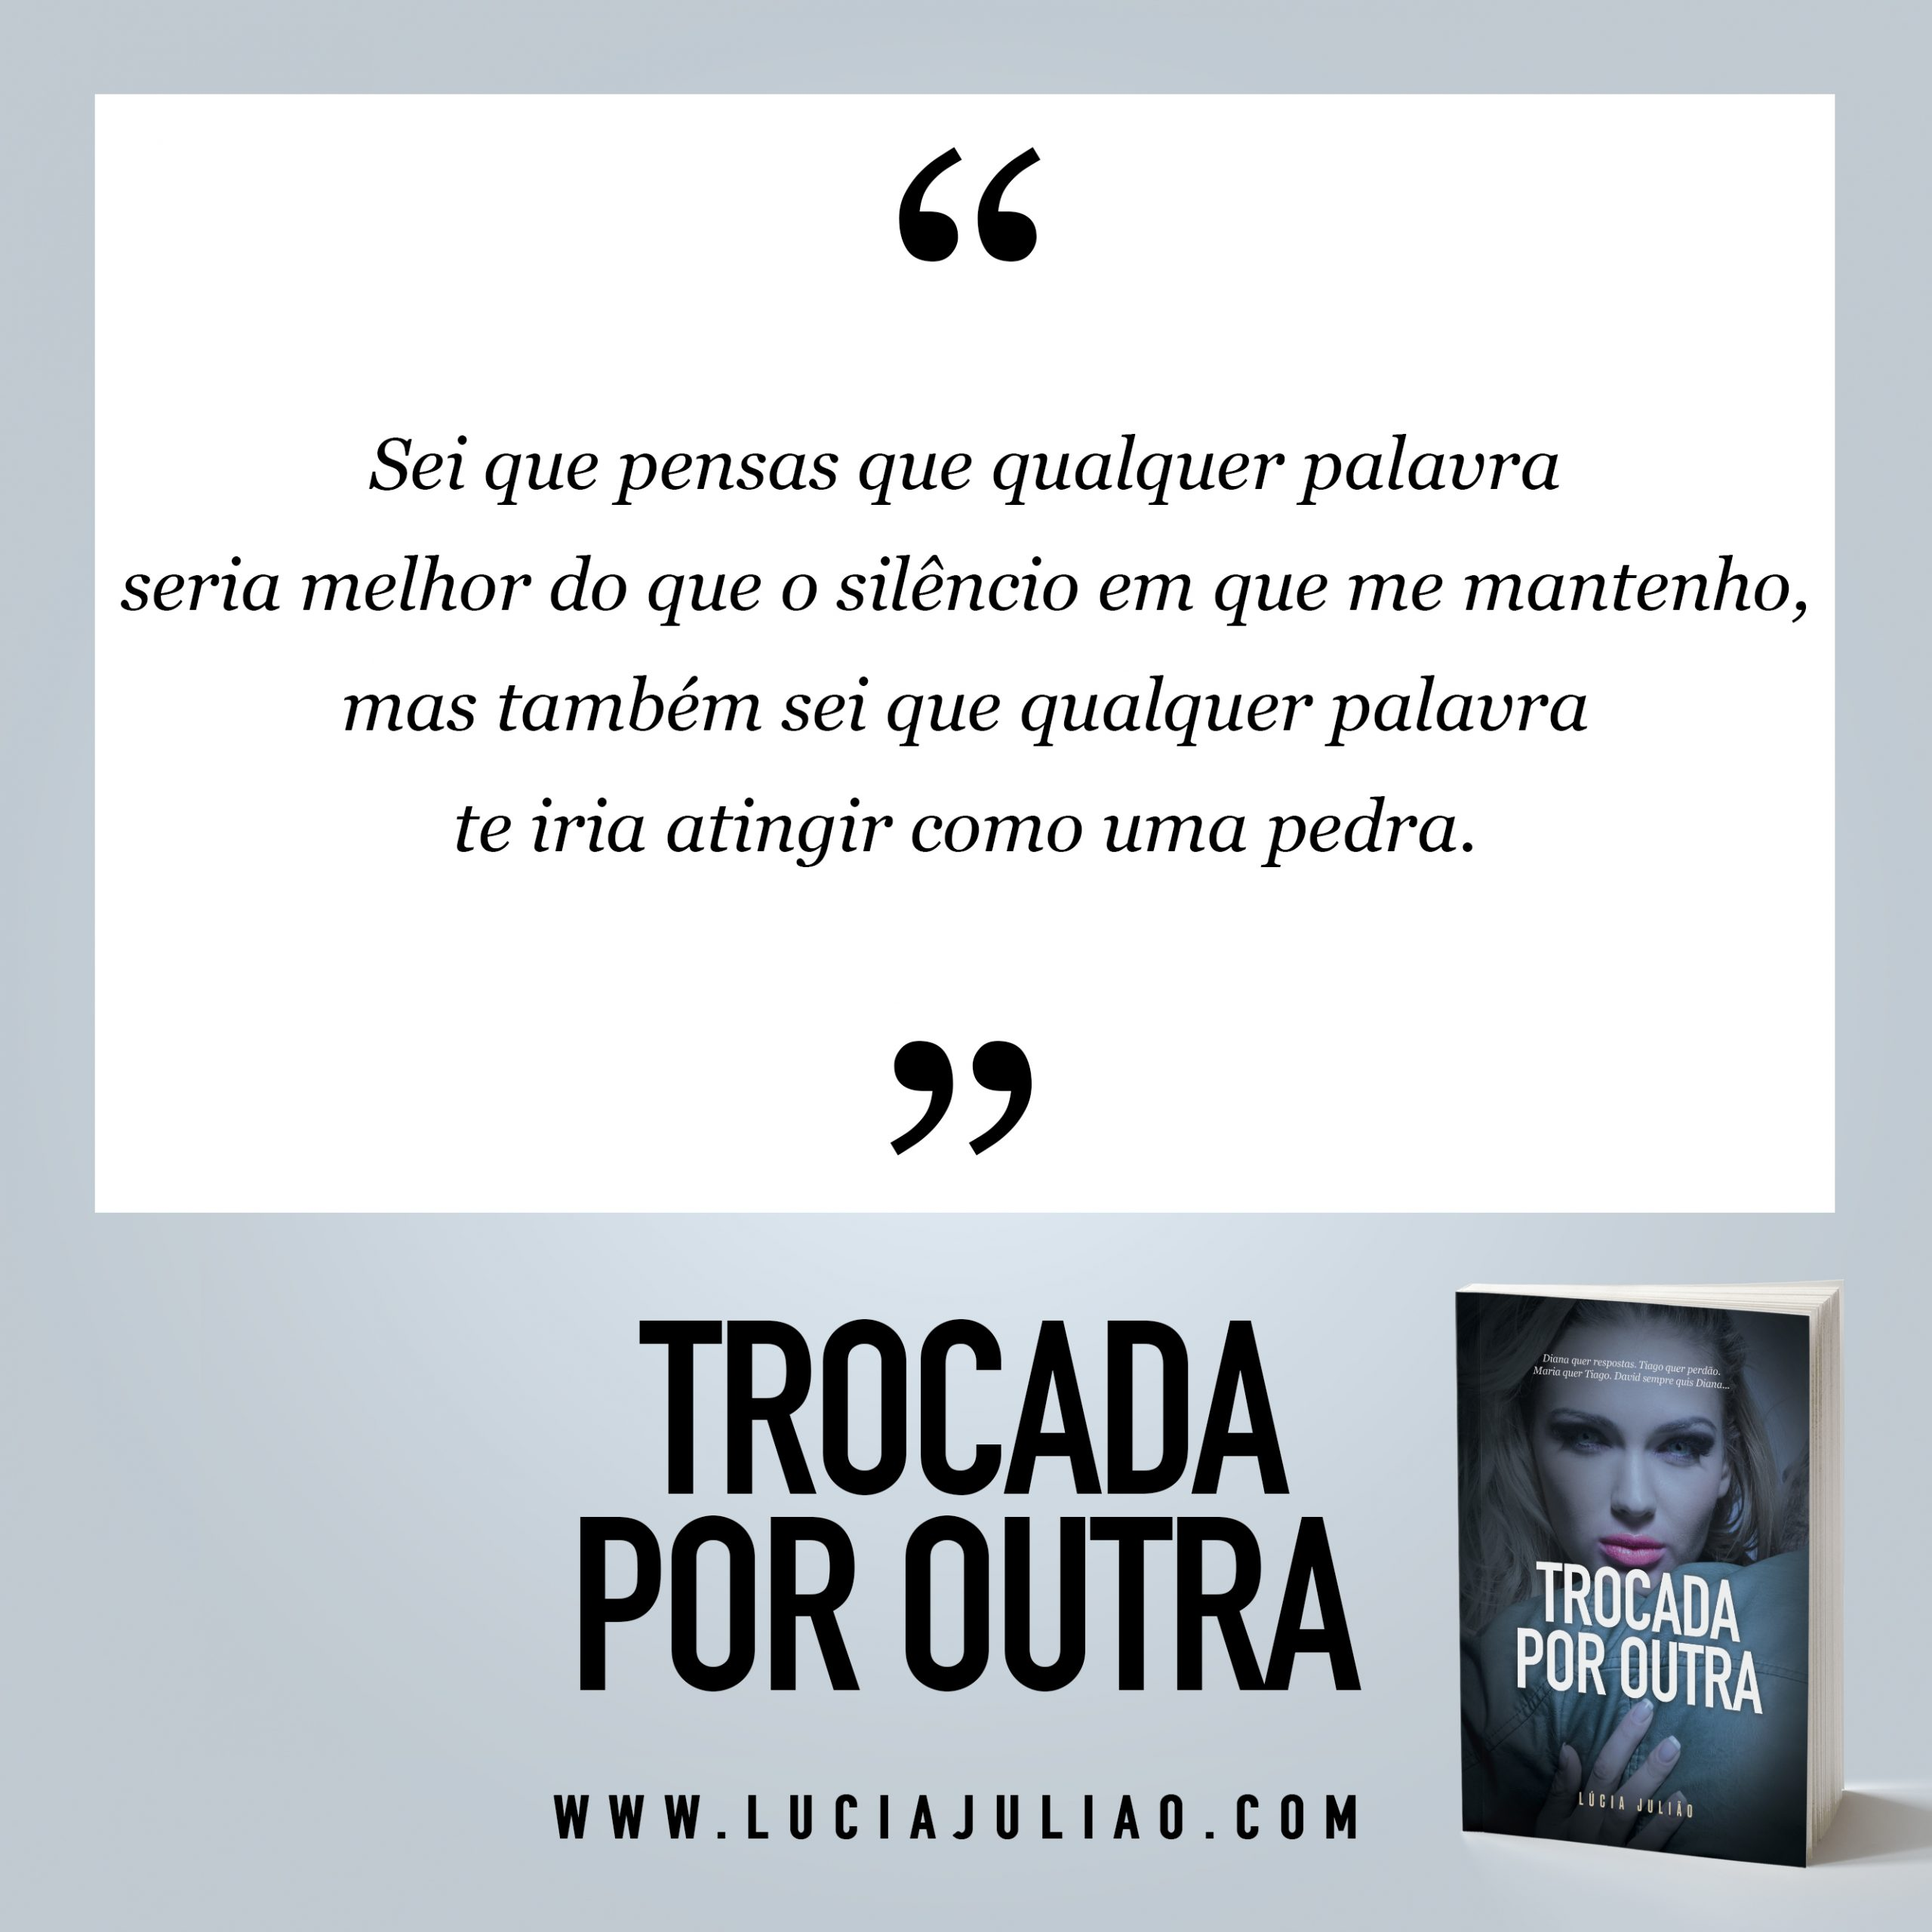 045Q - capitulo 14 Trocada por outra - Lúcia Julião